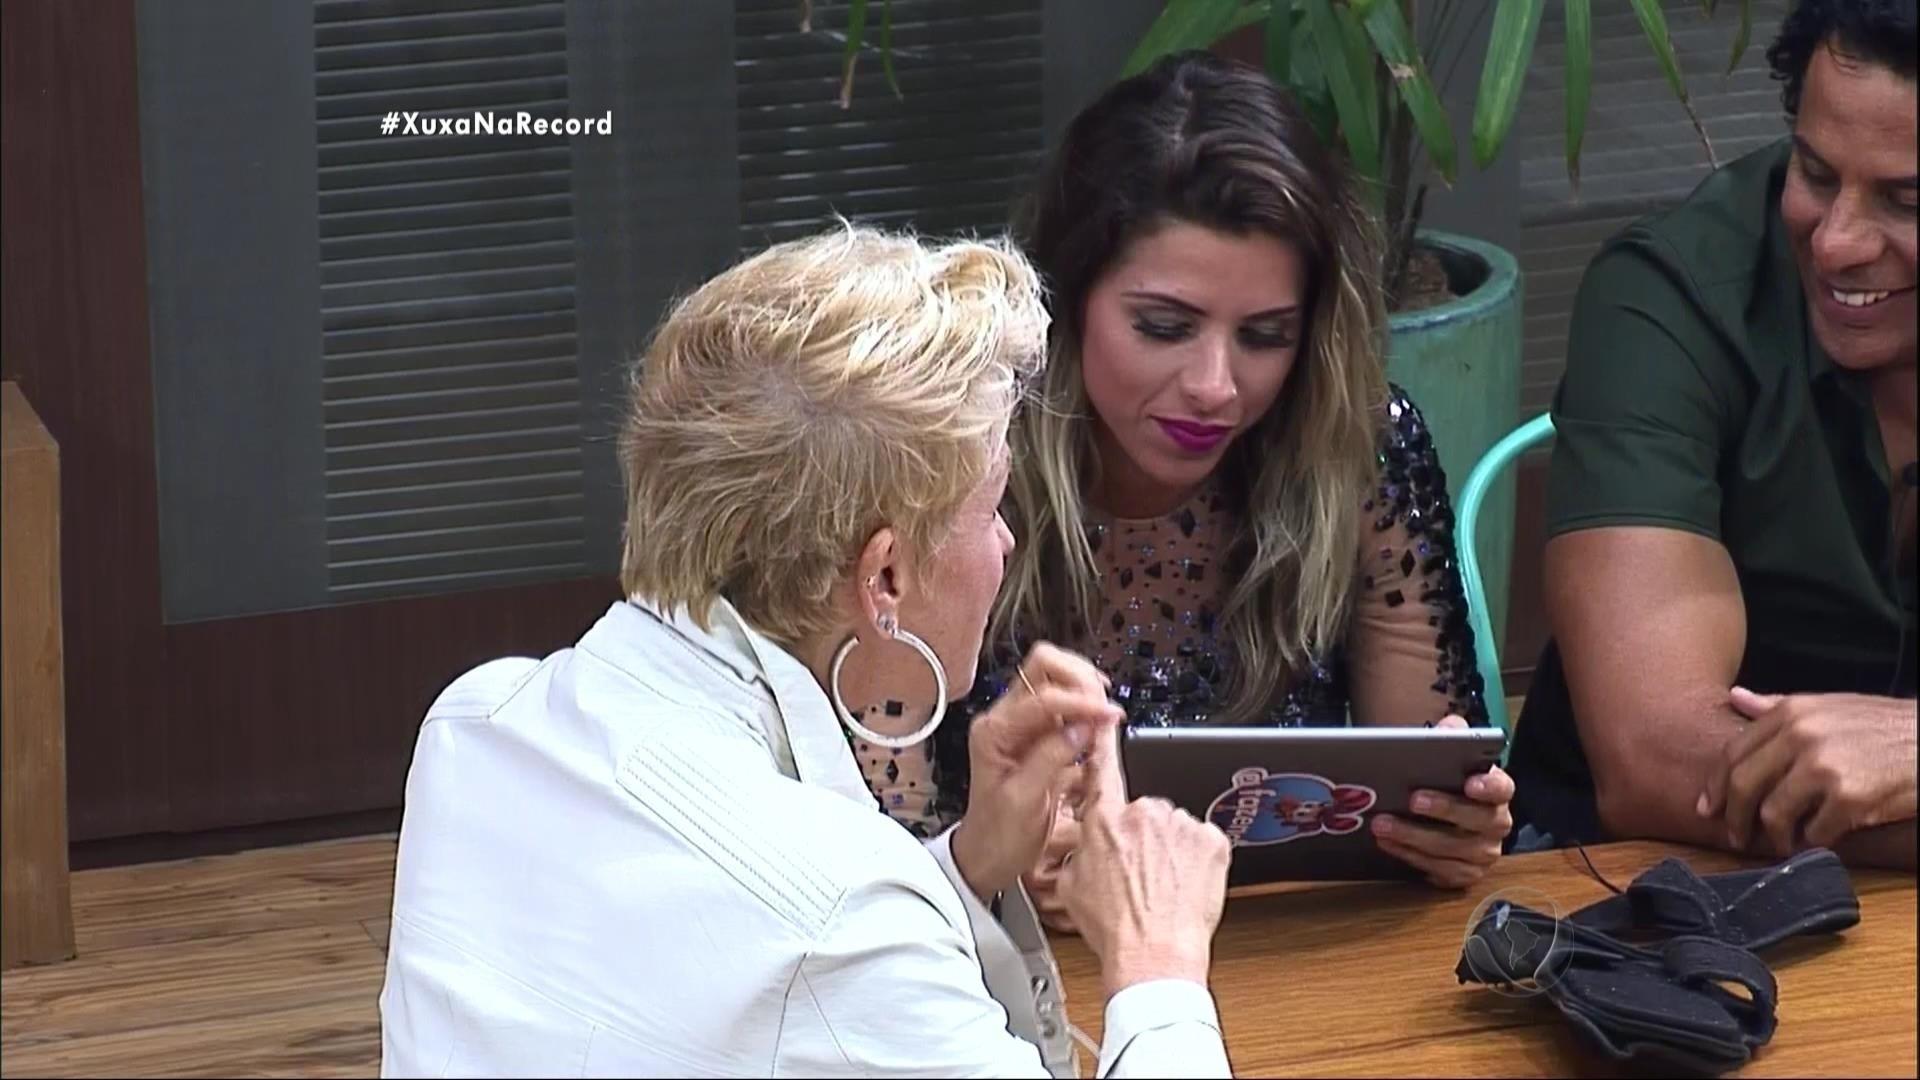 7.dez.2015 - Ana Paula tinha esperanças de reencontrar Thiago mas Xuxa disse que por ter desistido de participar de